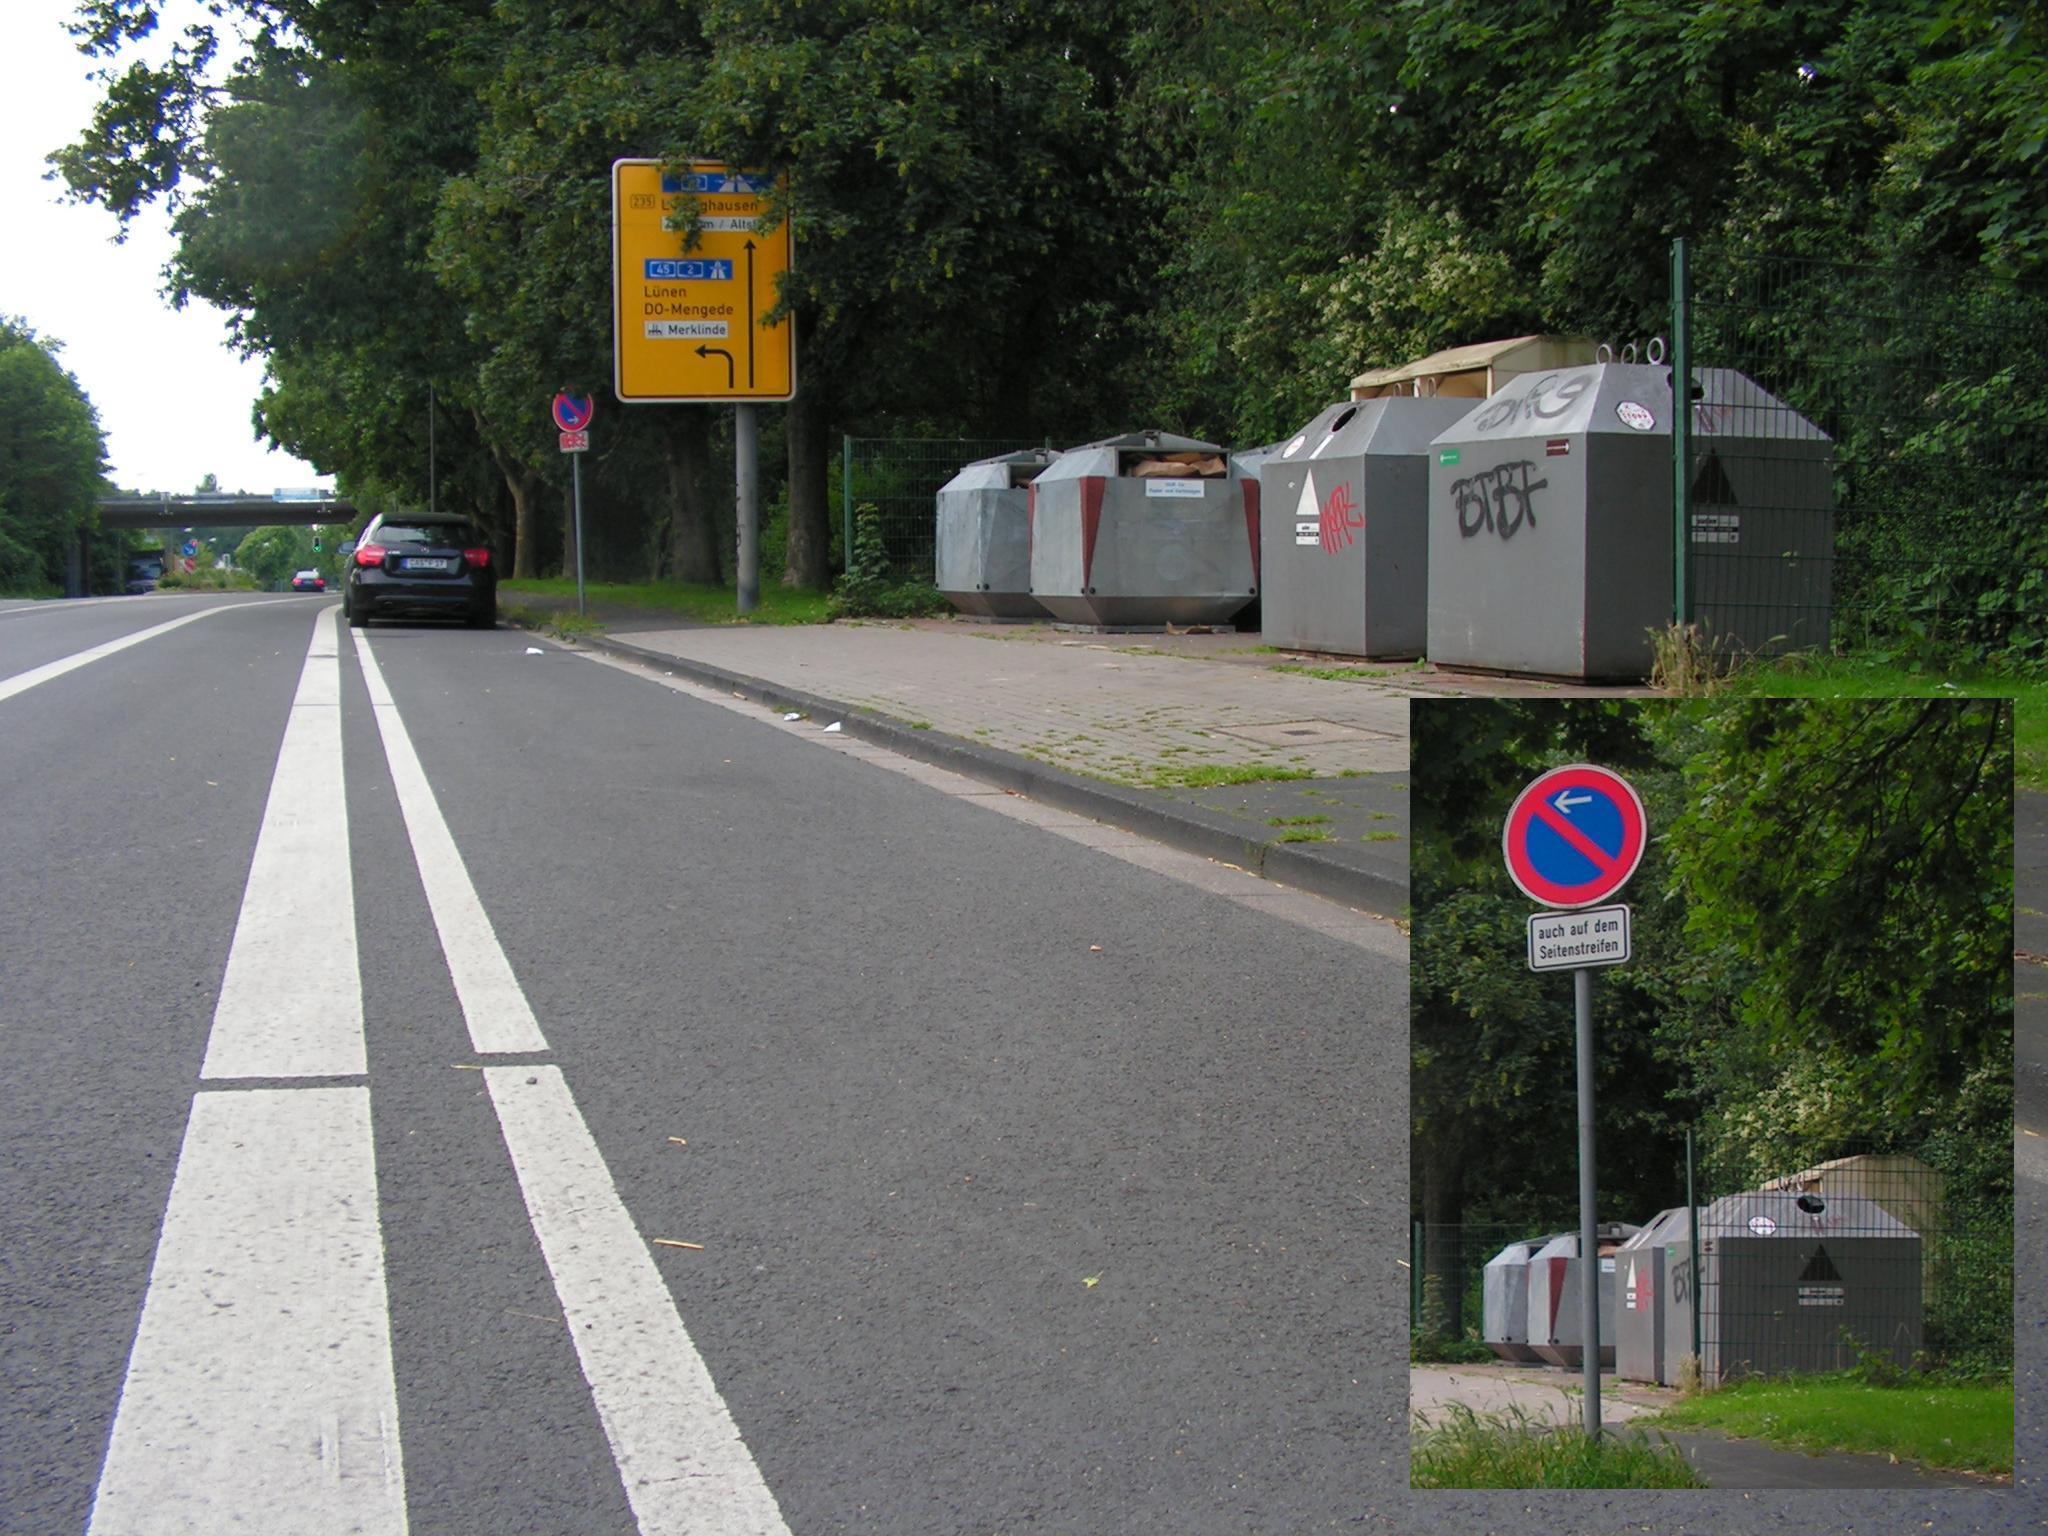 Positivbeispiel: Ladezone neben Radfahrstreifen an einem Recyclingcontainer an der Wittener Straße in Castrop-Rauxel. (Foto: Peter Maier)